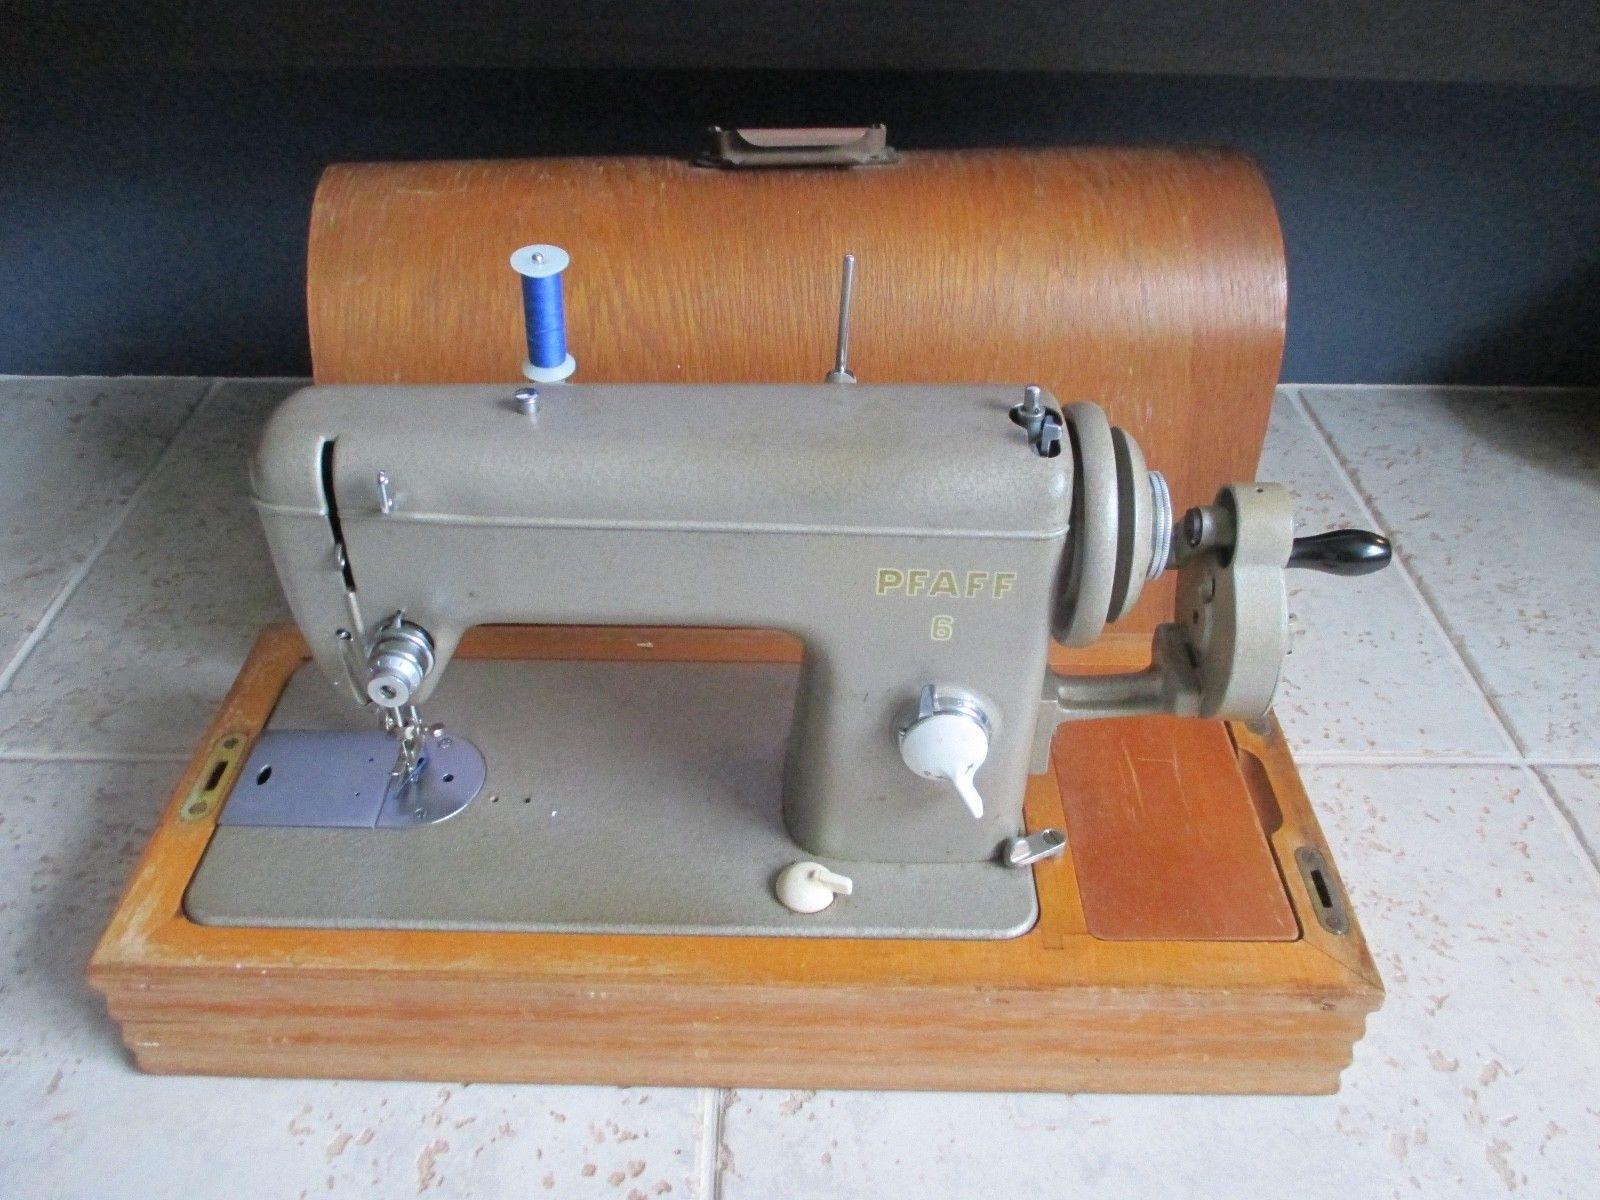 Pfaff 6 Industrial Sewing Machine Vintage Heavy Duty 1957